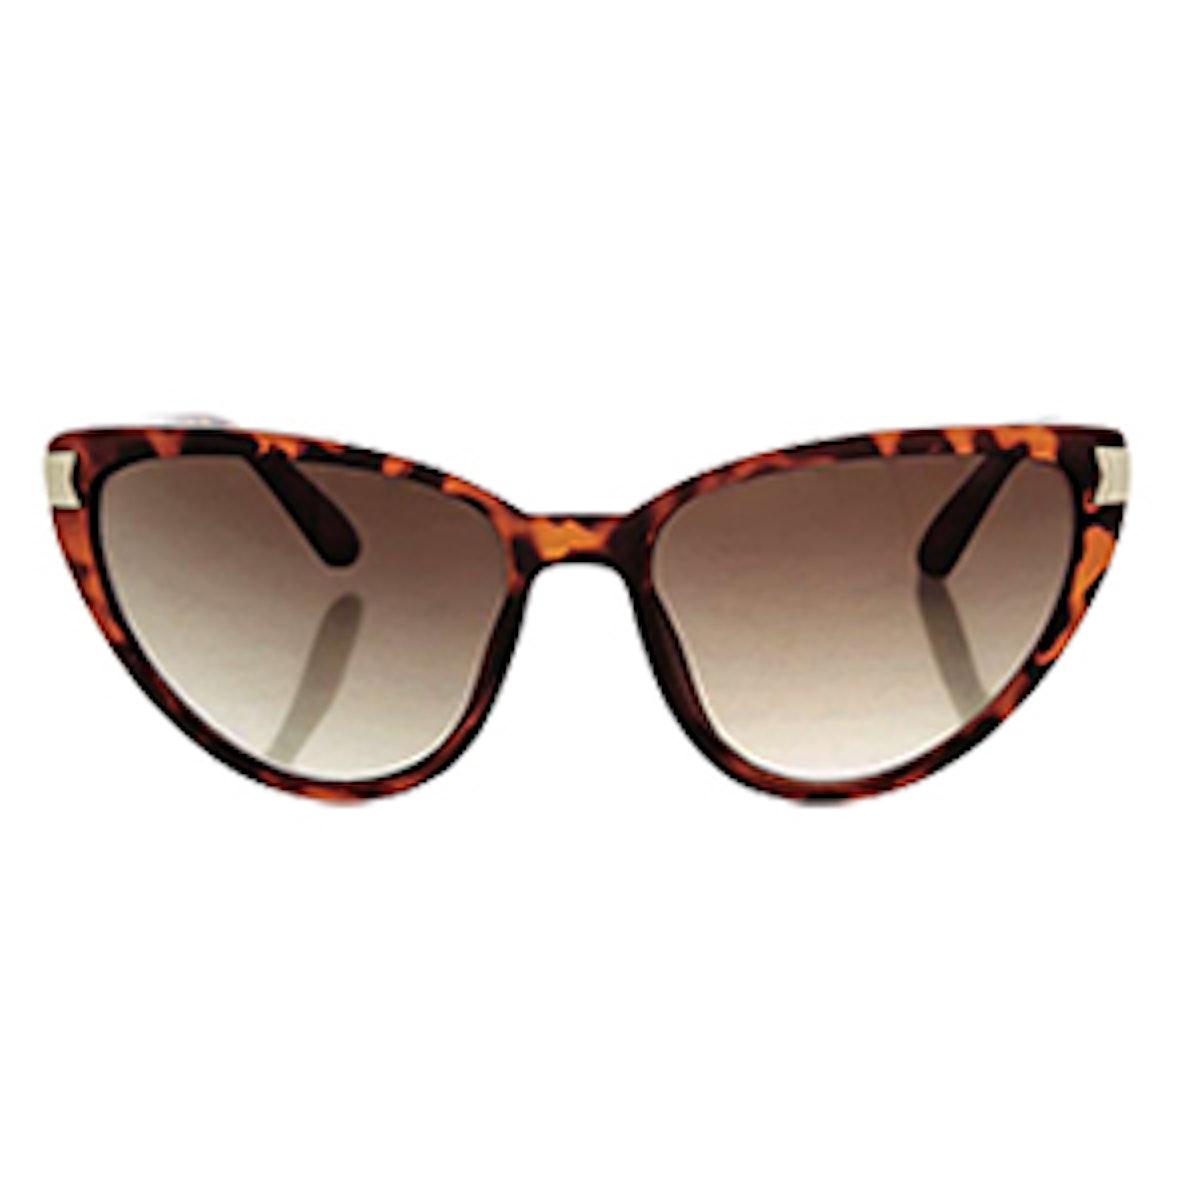 Vintage Oval Shaped Sunglasses